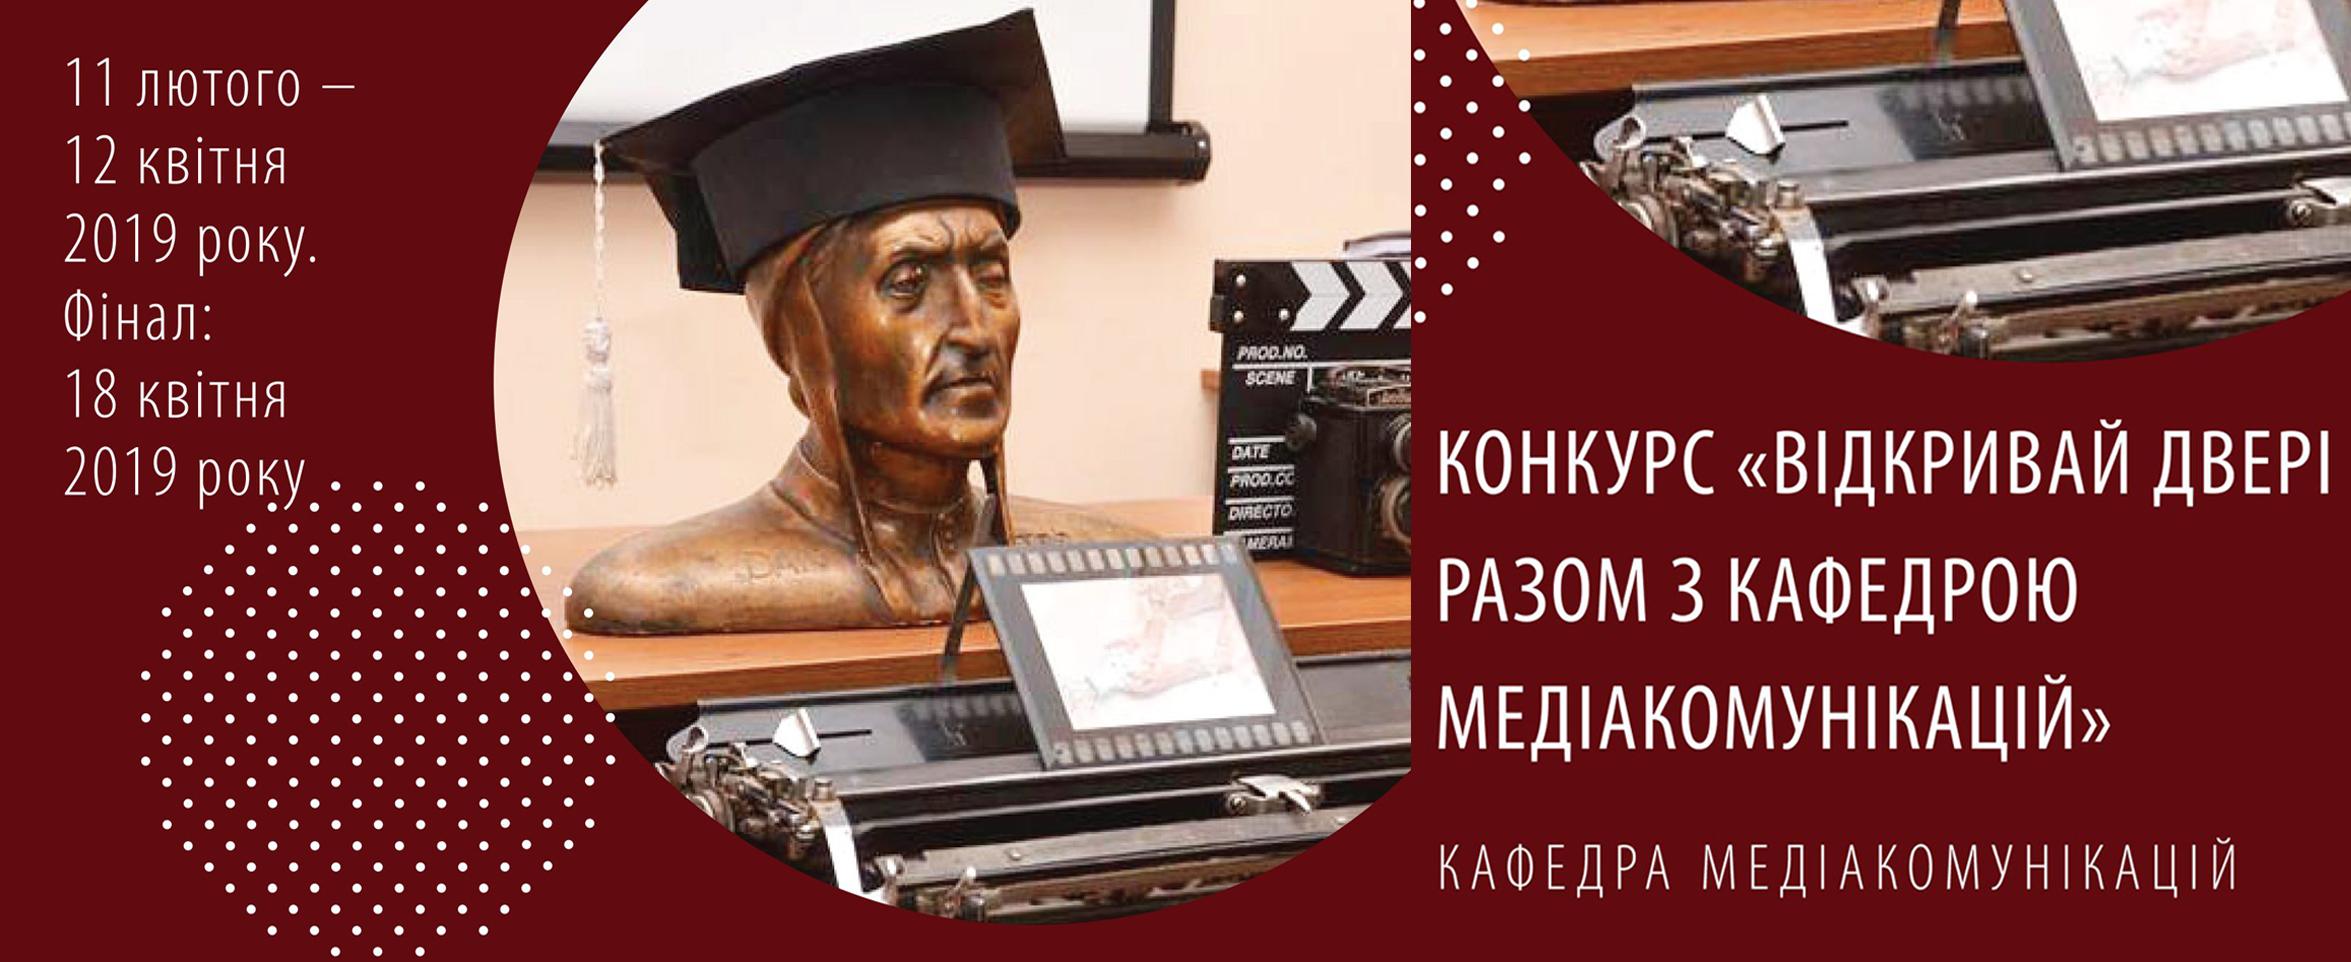 Переможці конкурсу від кафедри медіакомунікацій